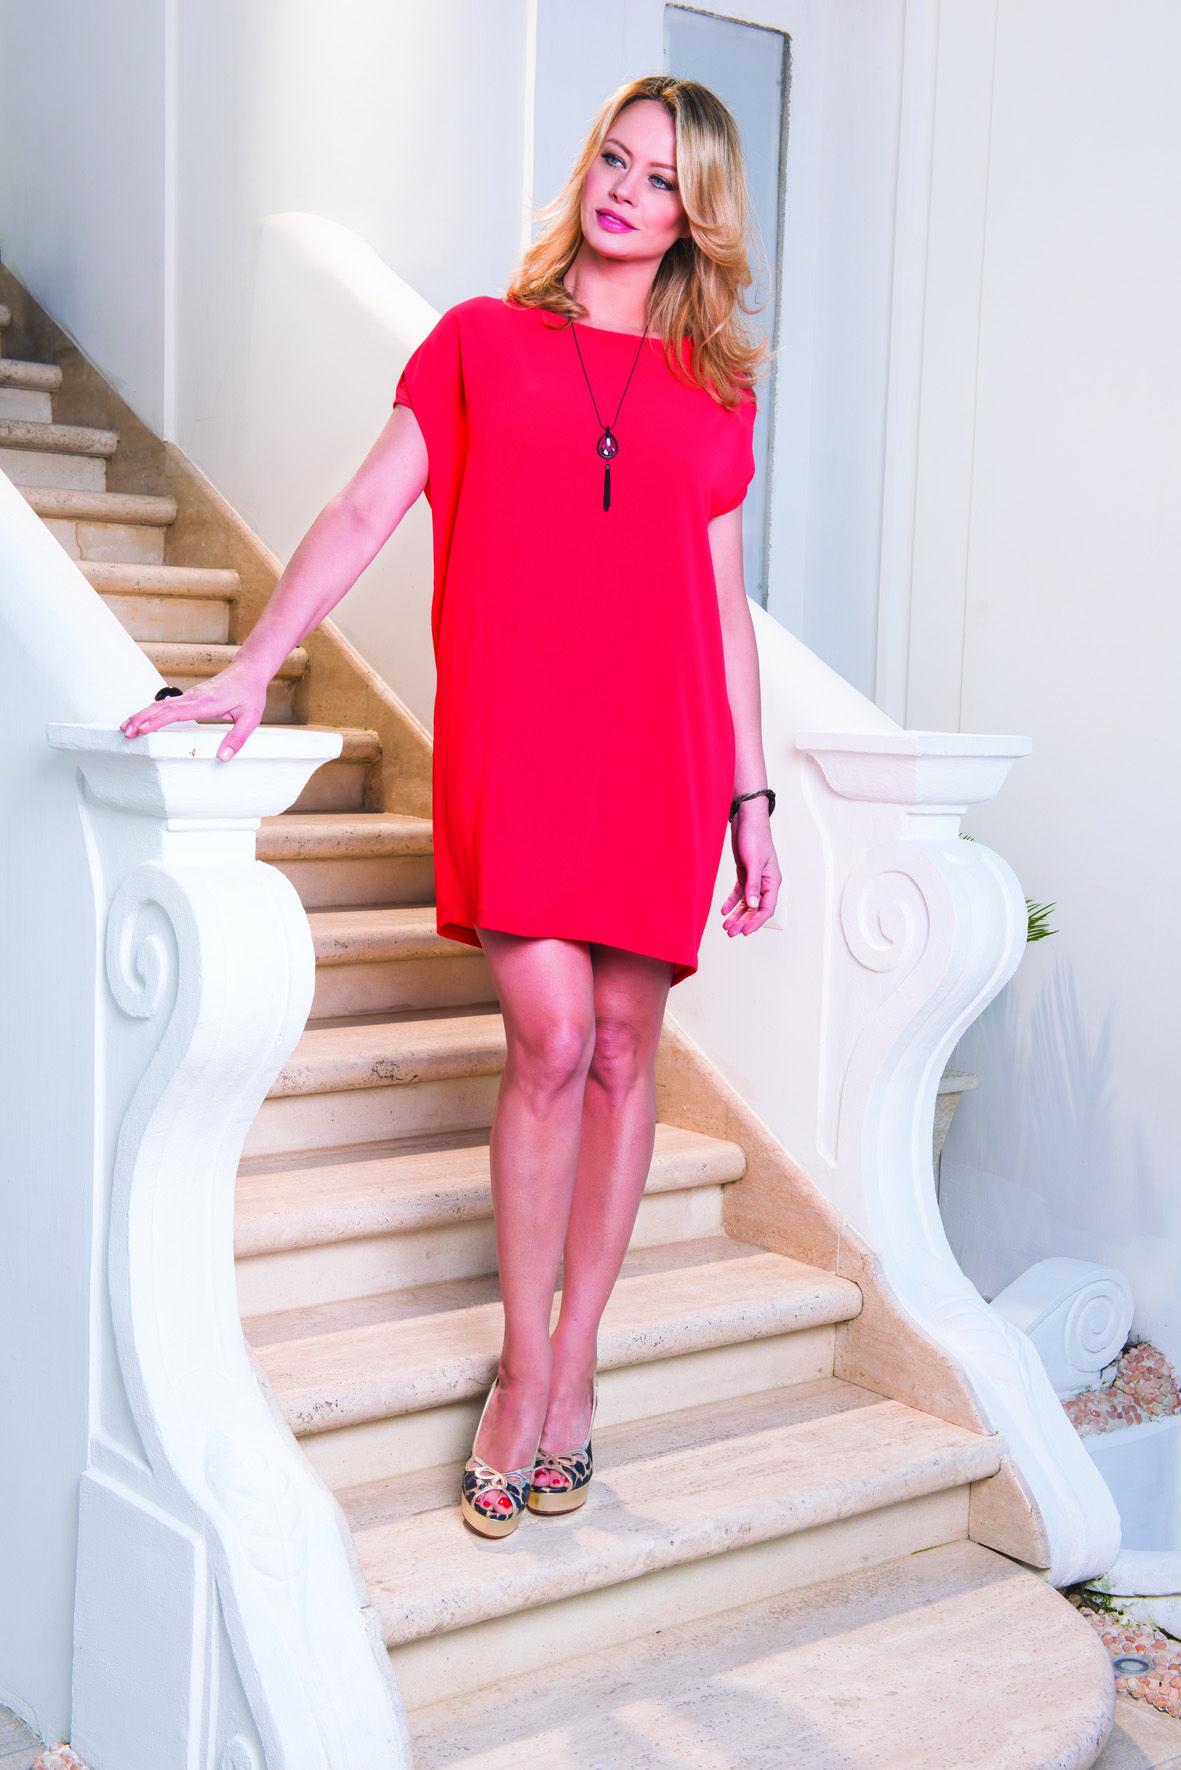 new product dada7 42237 abito rosso   Collezione Mara Carol primavera estate 2016 ...